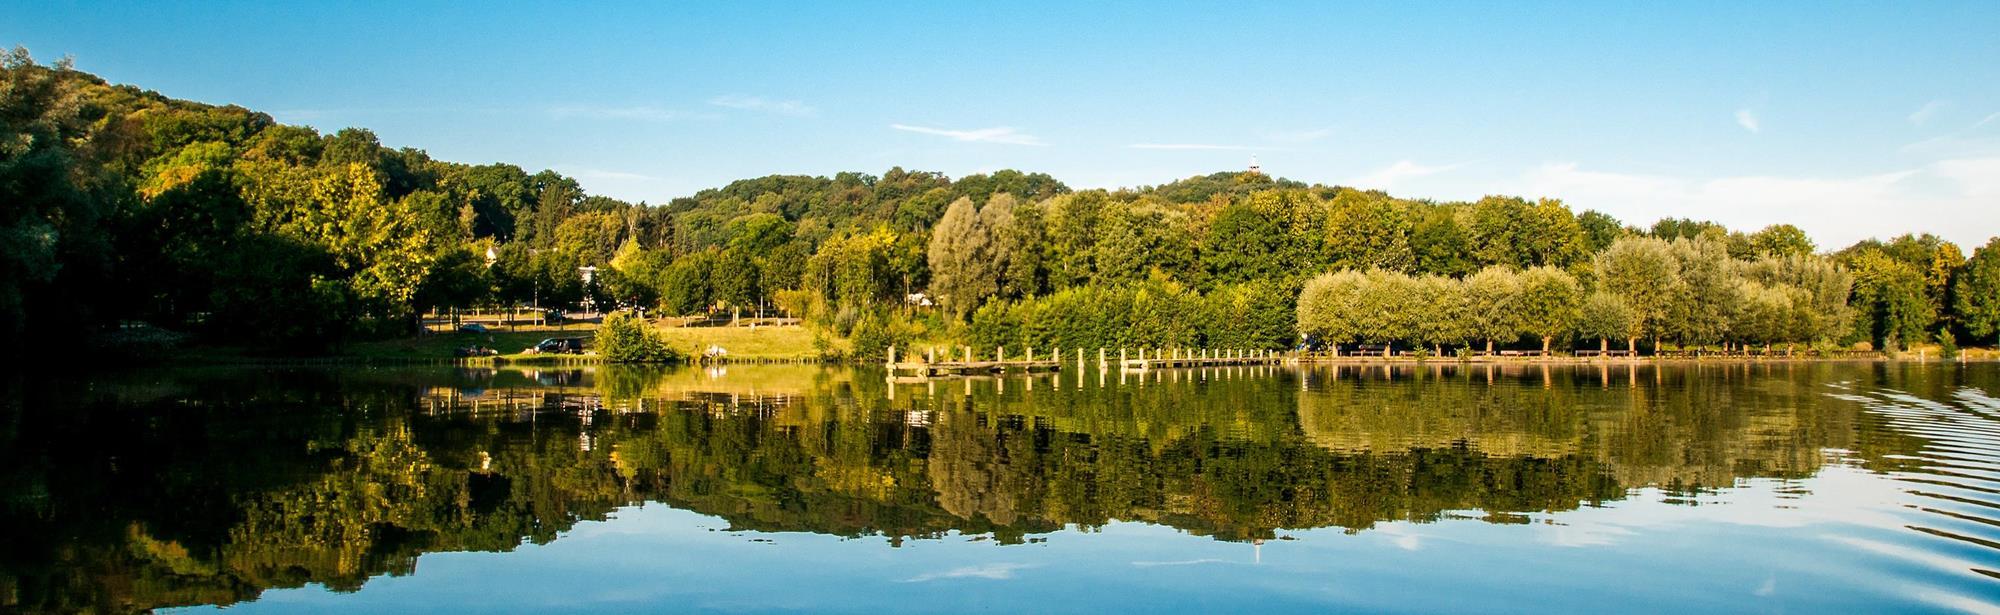 Geulpark en Kasteel Oost Va2 Valkenburg aan de Geul